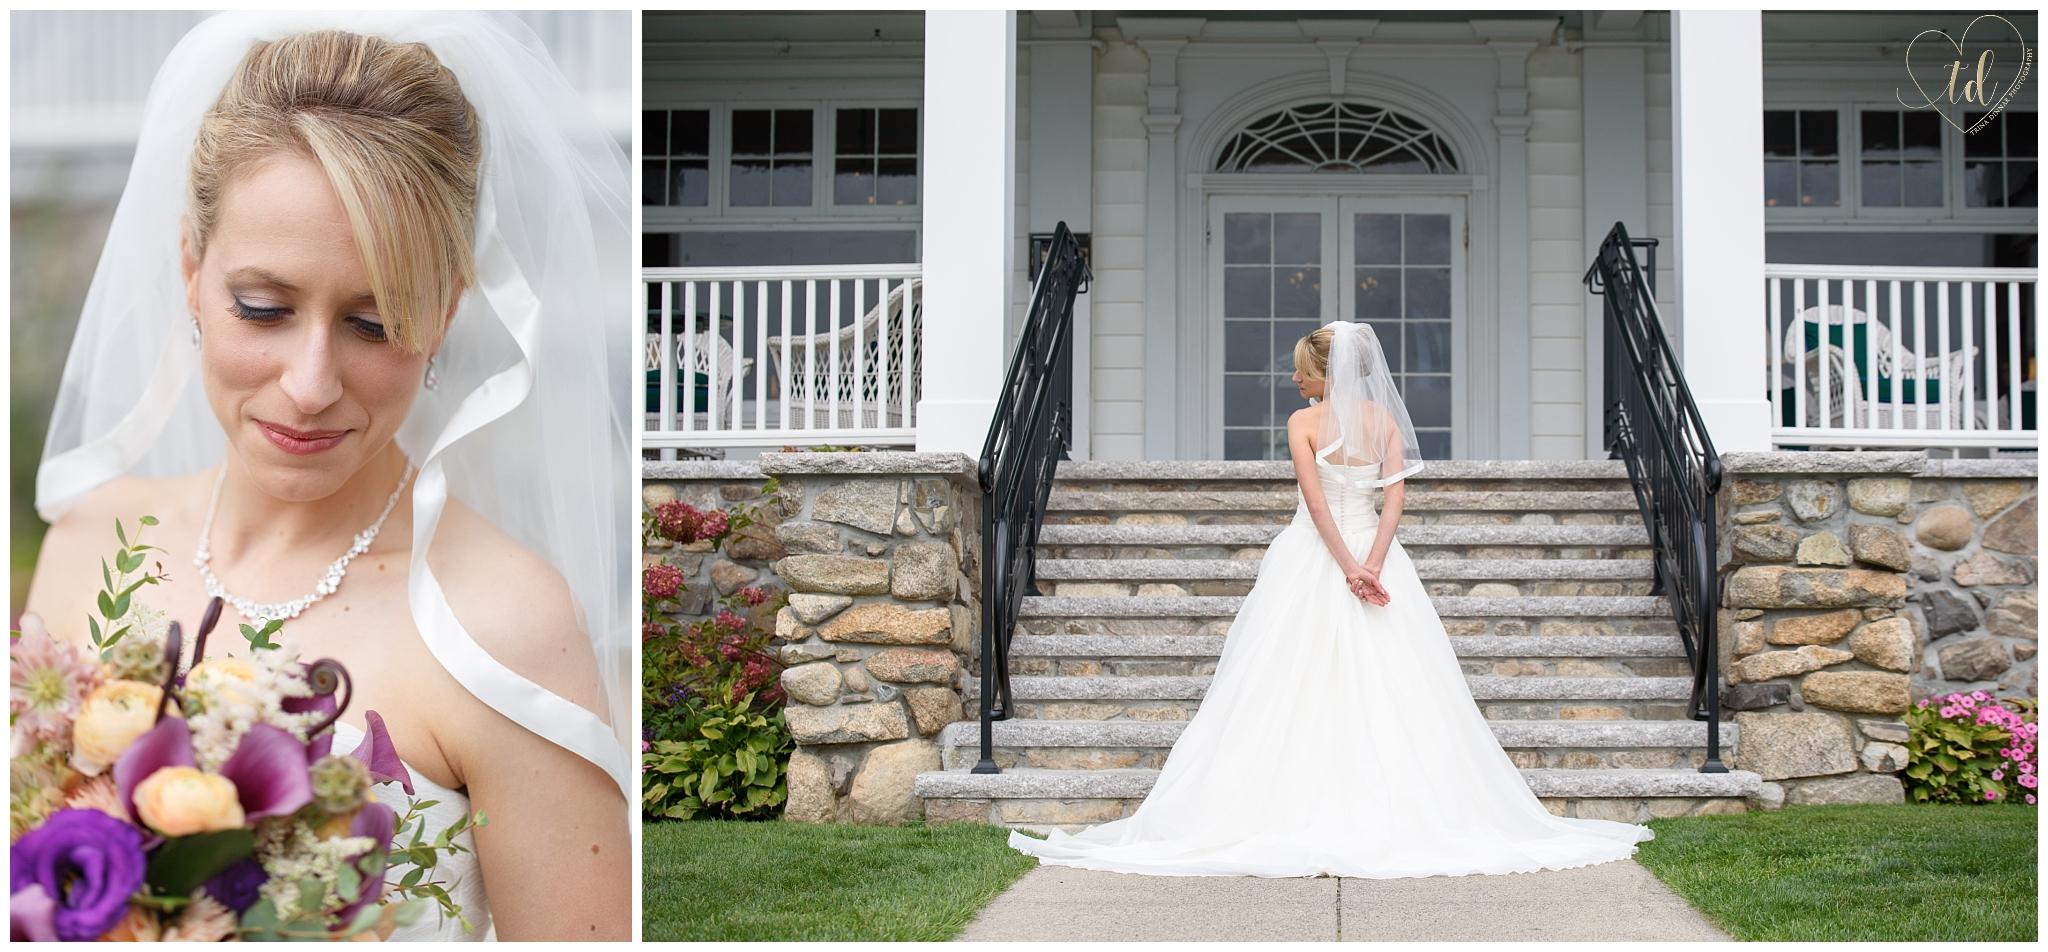 Maine Bridal Portrait Photography